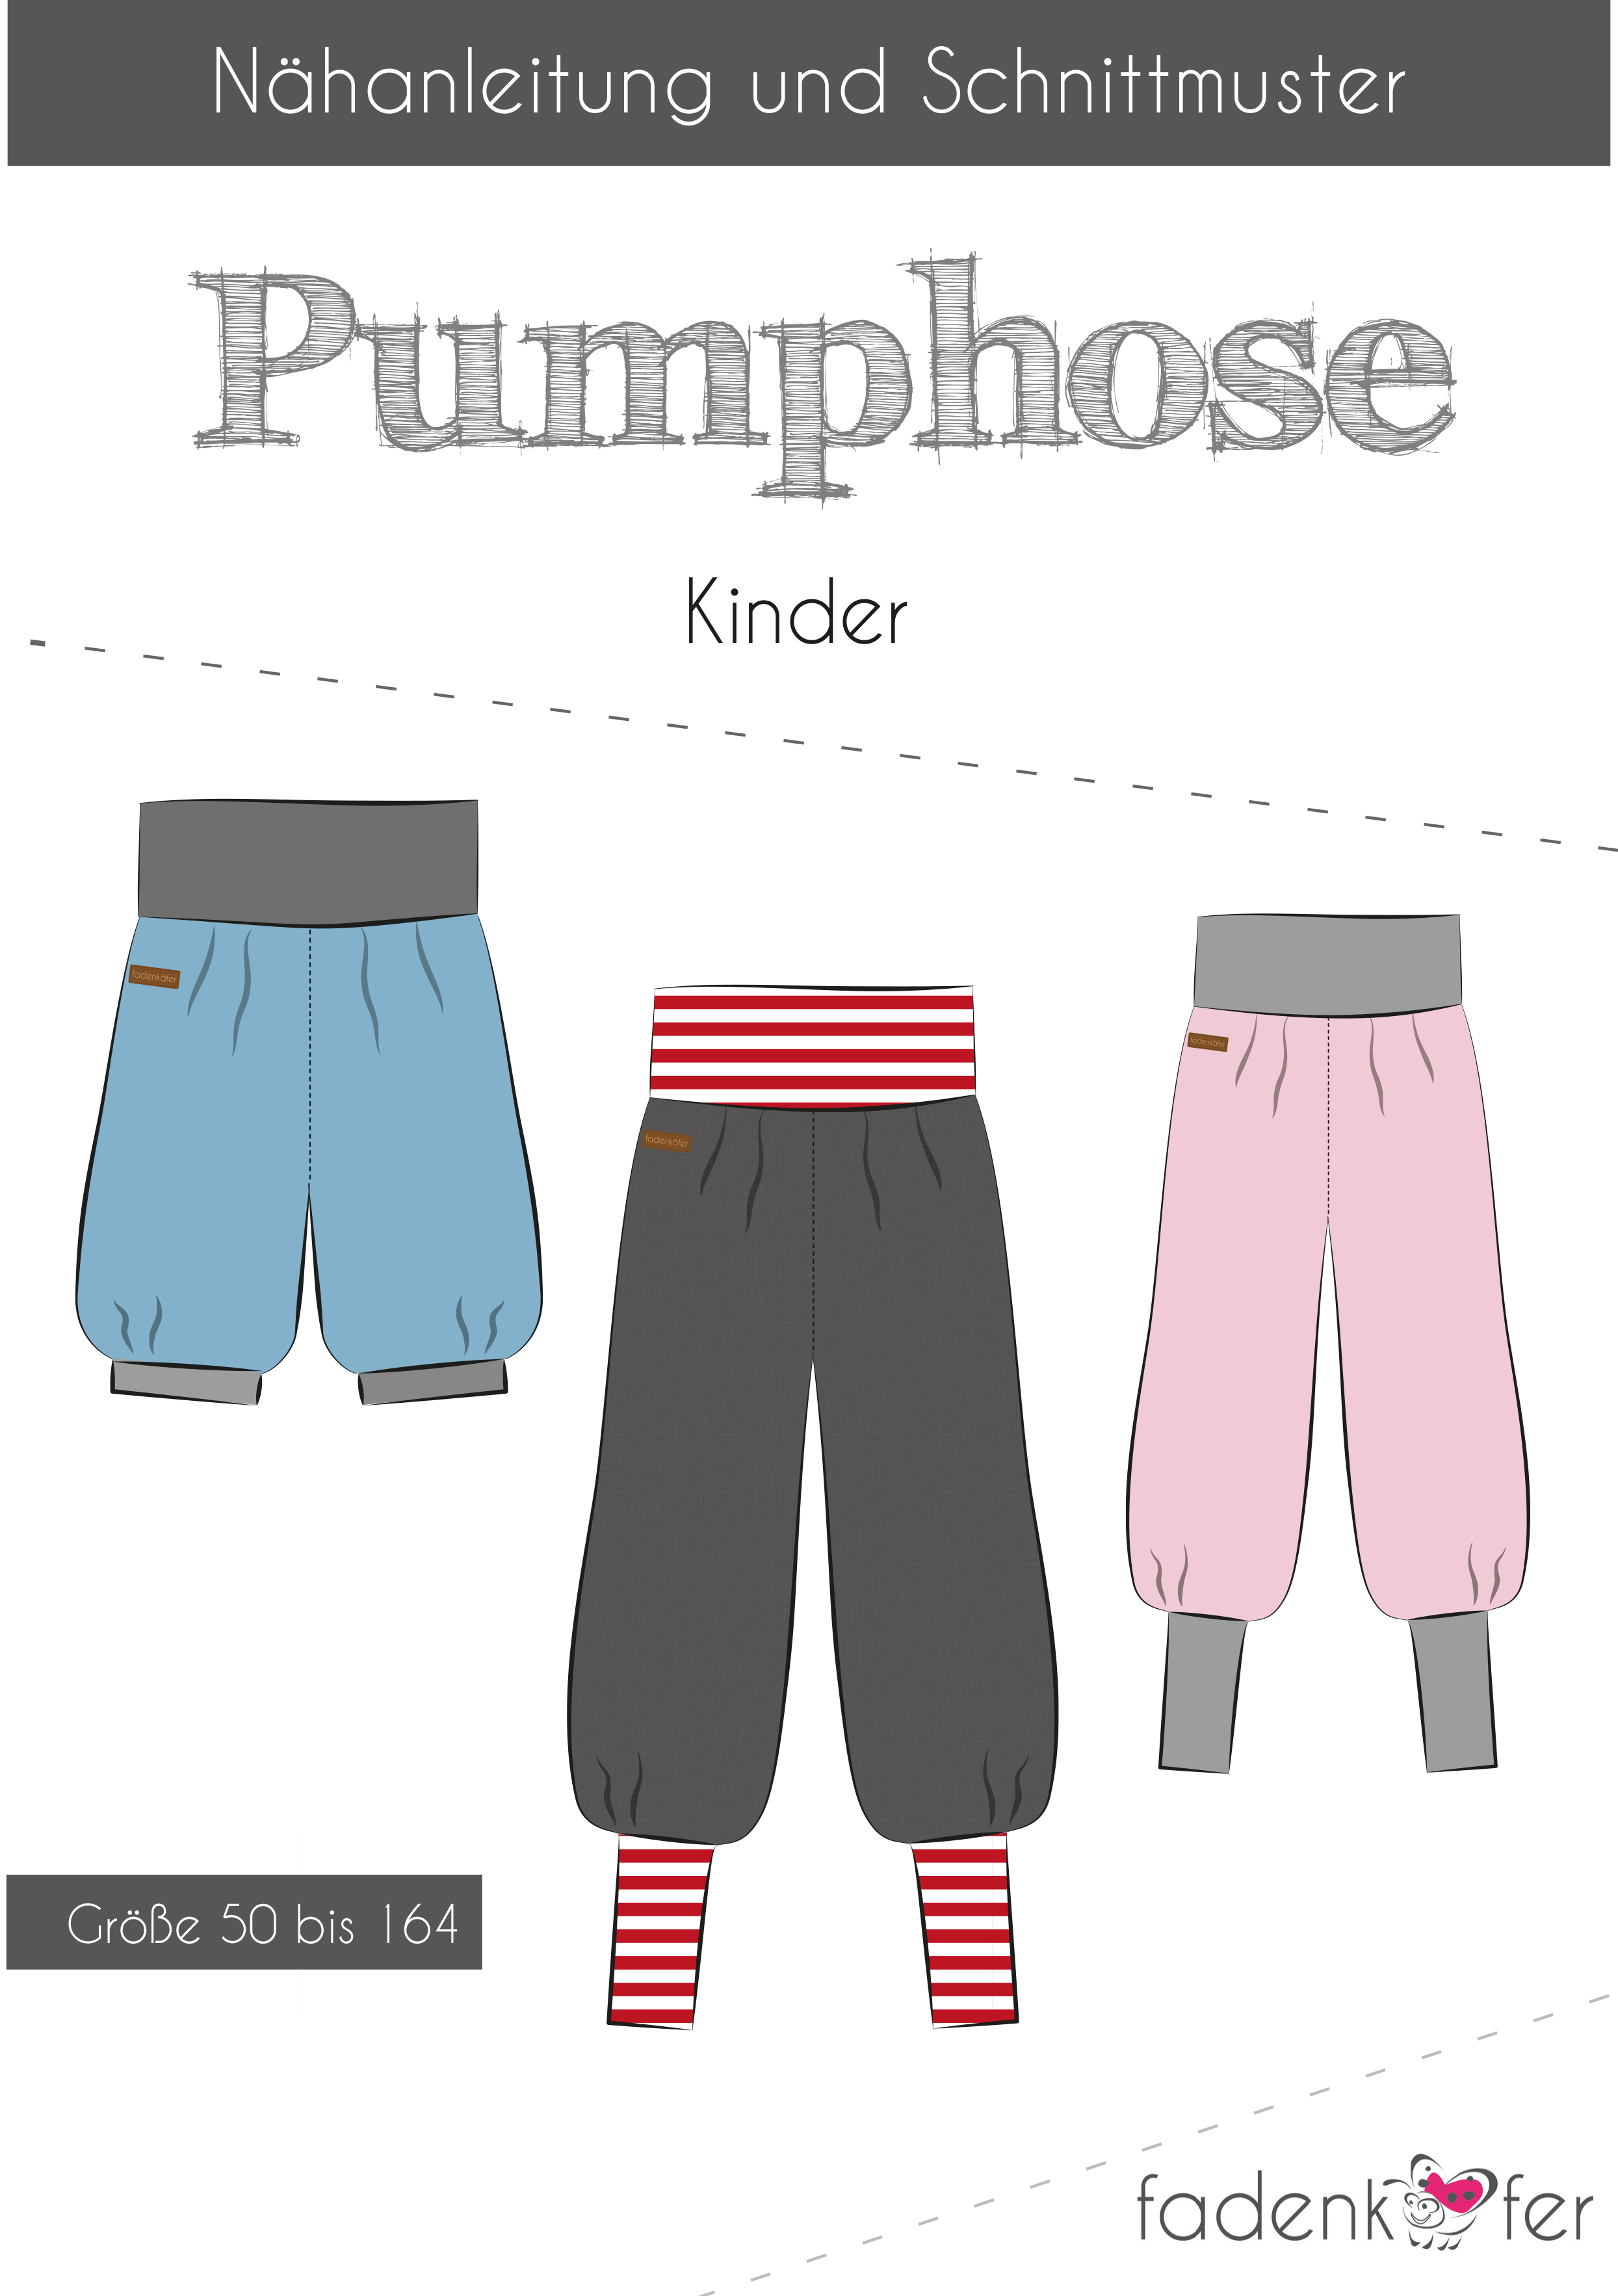 Suche nach Beamten günstigster Preis vollständige Palette von Spezifikationen Papierschnittmuster Pumphose Kinder